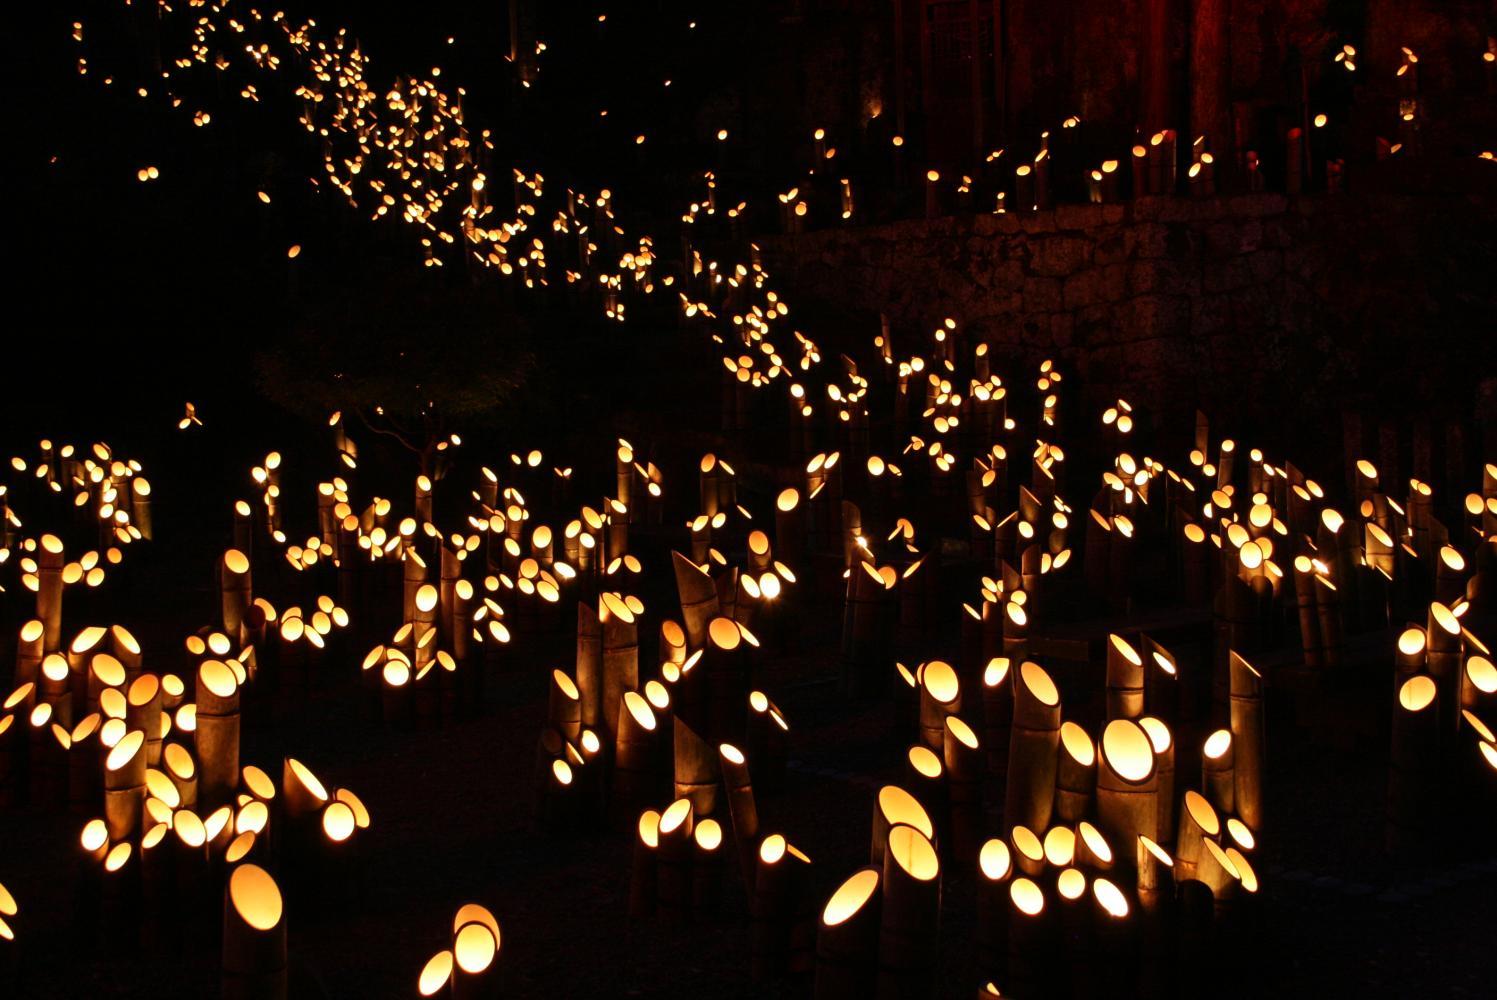 فستیوال نور بامبو ژاپن